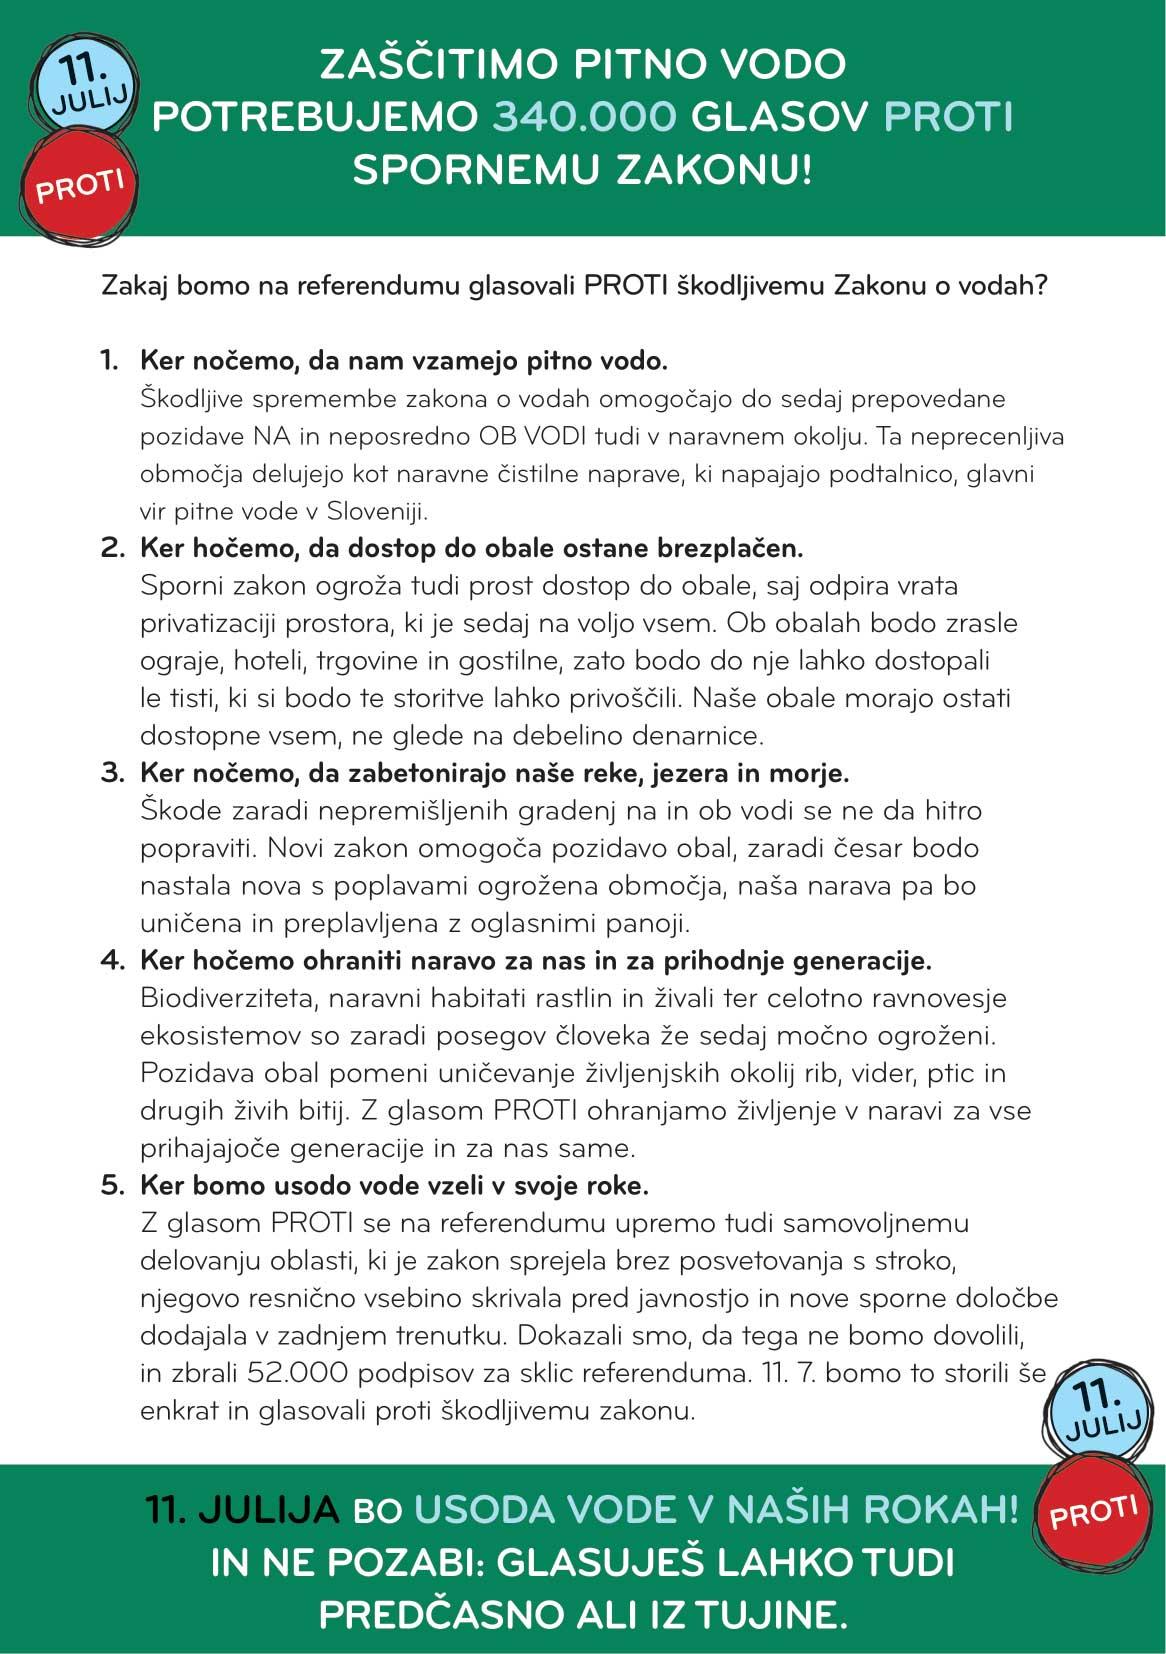 A5-glasuj-PROTI-referendum